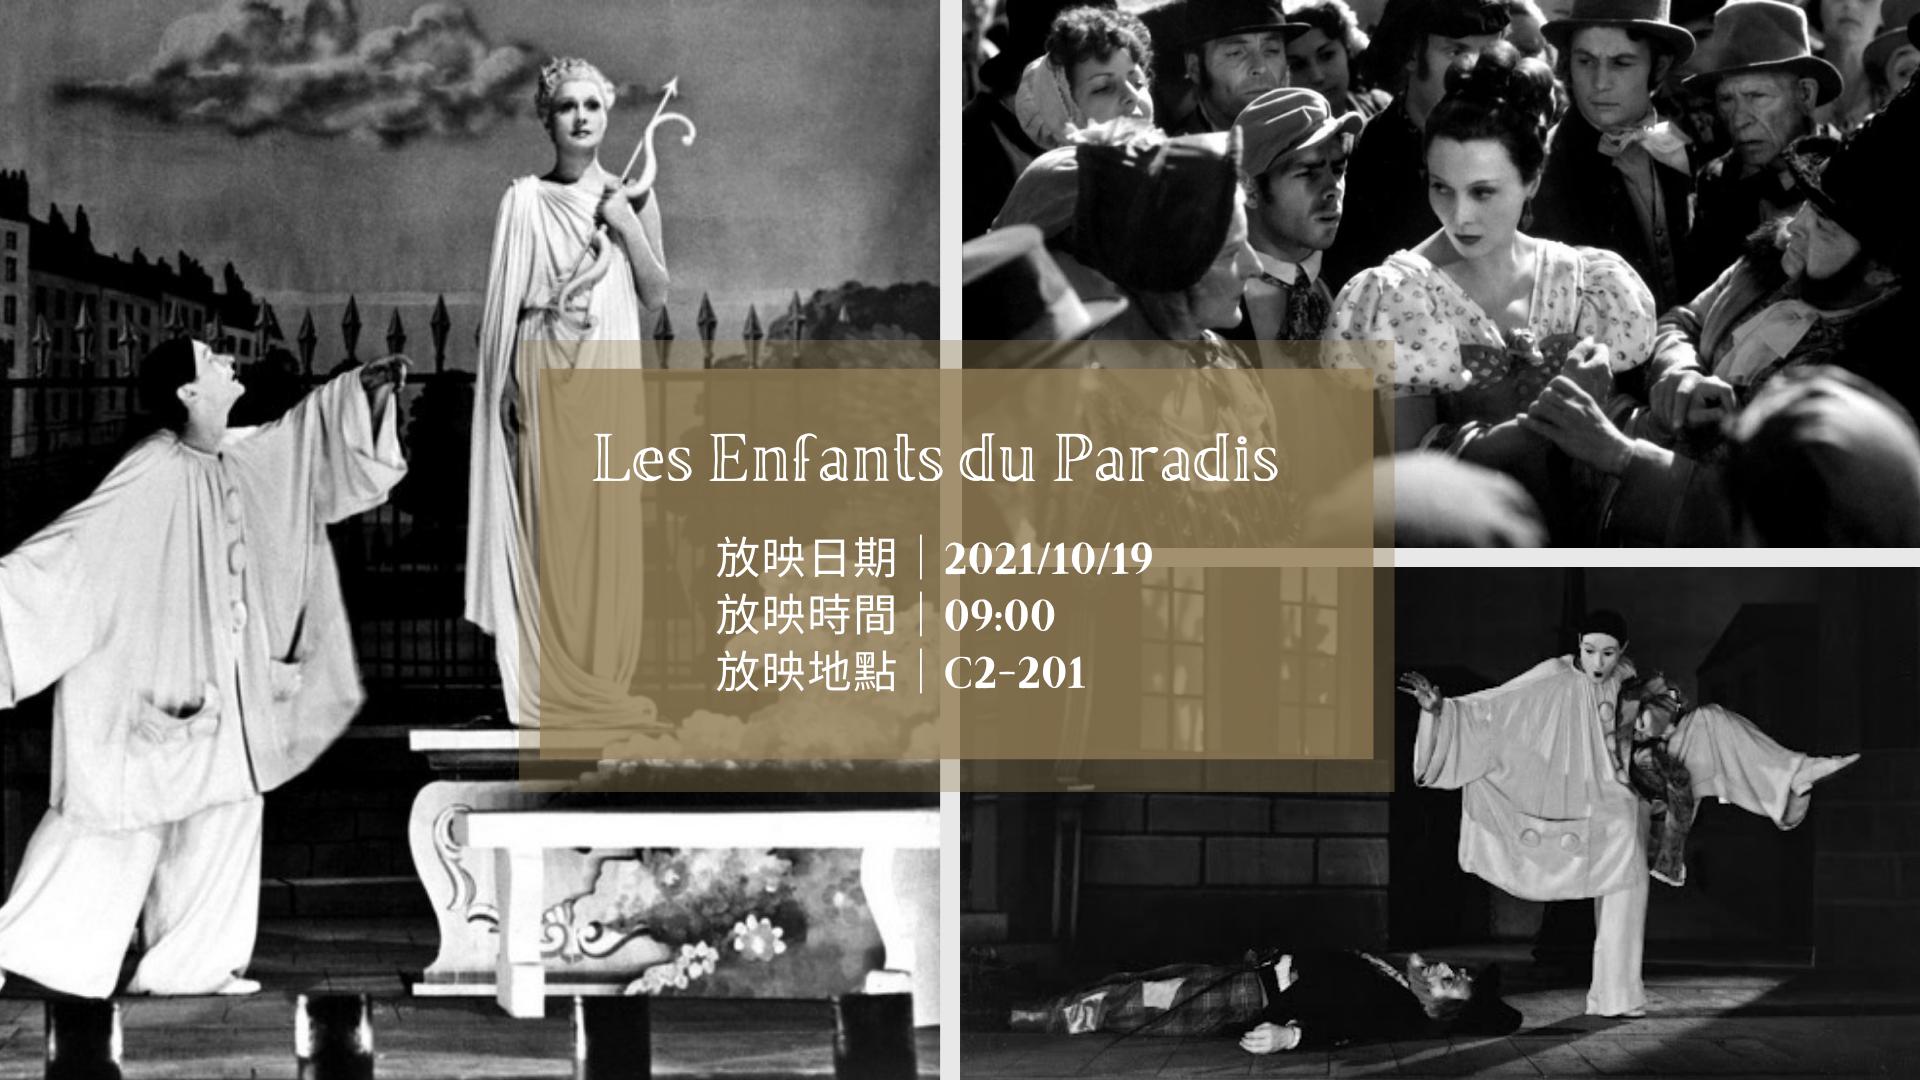 20211019 Les Enfants du Paradis